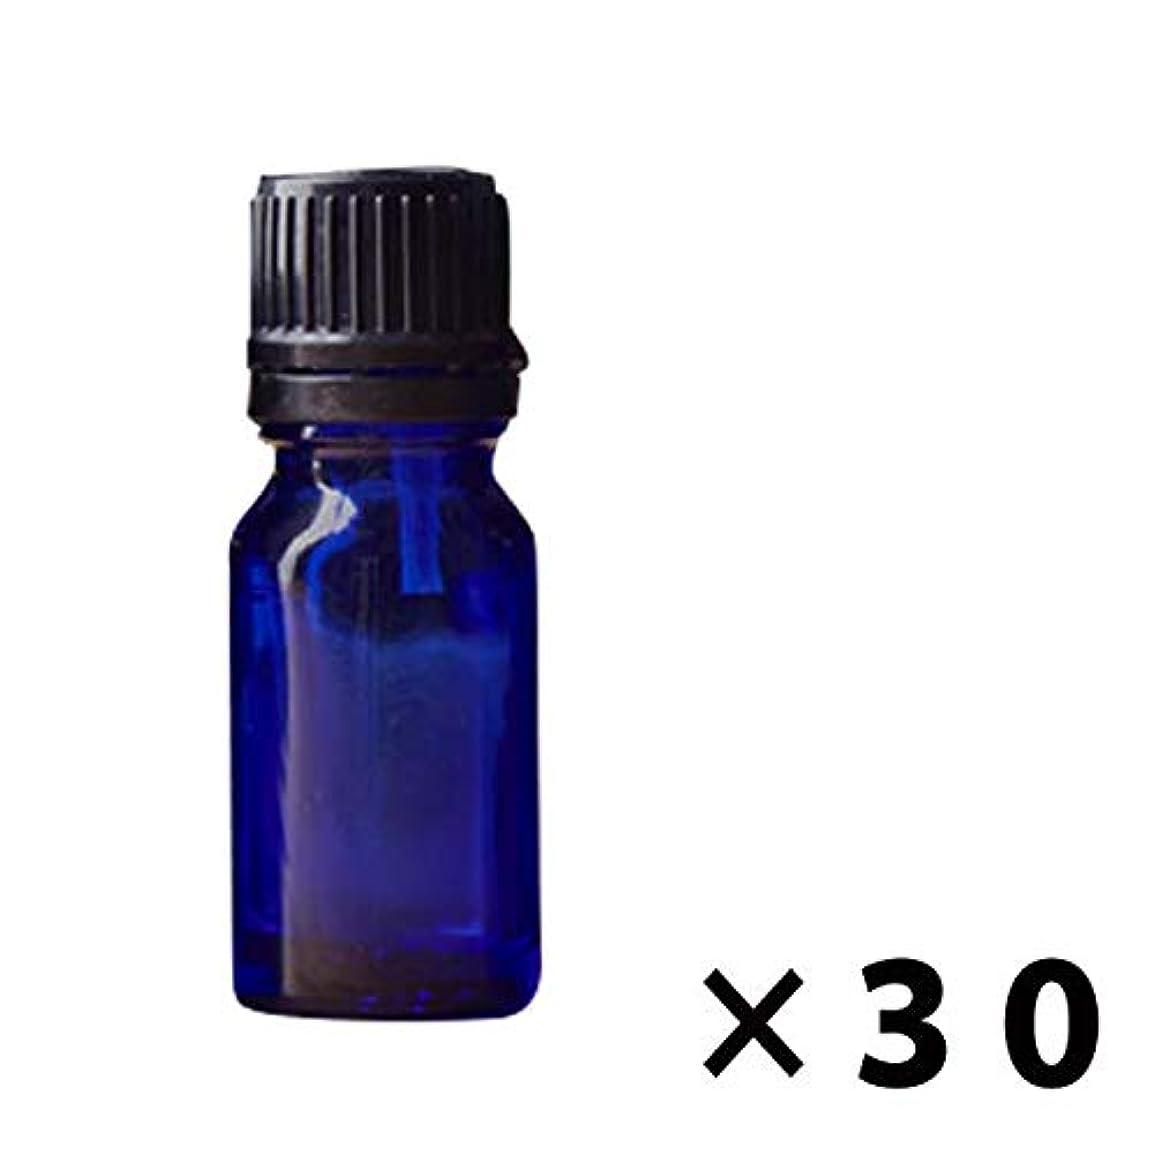 覚醒ピケ息切れ遮光瓶 30本 アロマオイルボトル ドロッパー付き ブルー アンバー 5ml 10ml 15ml 20ml 30ml 茶色 青 ガラス瓶 アロマ 遮光ビン (ブルー, 30ml)